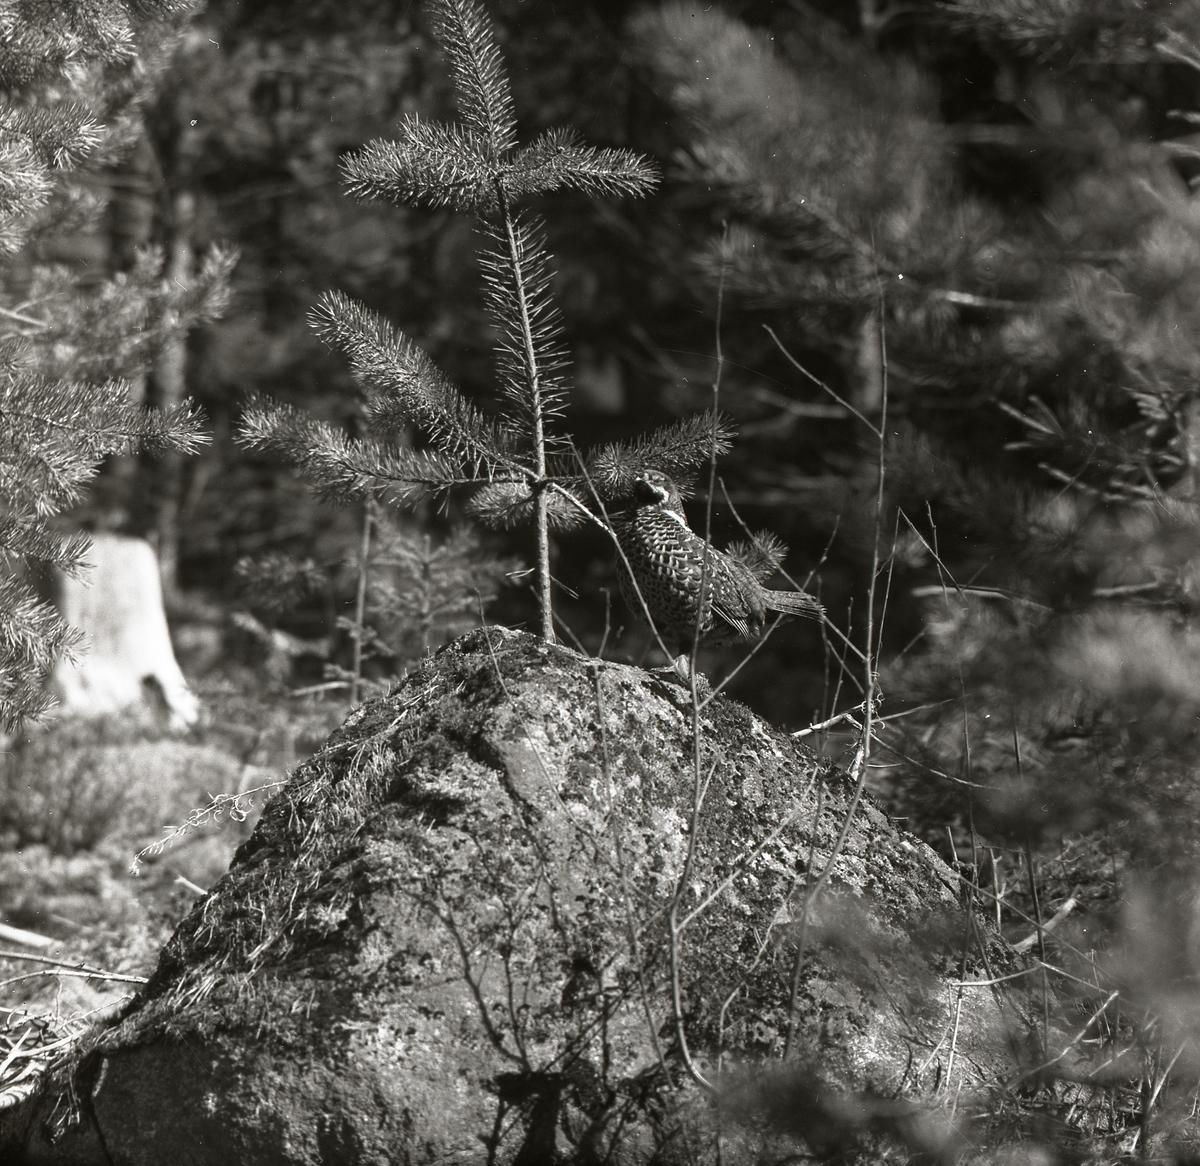 Järptupp sitter på en sten bland tallar i en skog, Mobergen 1 maj 1957